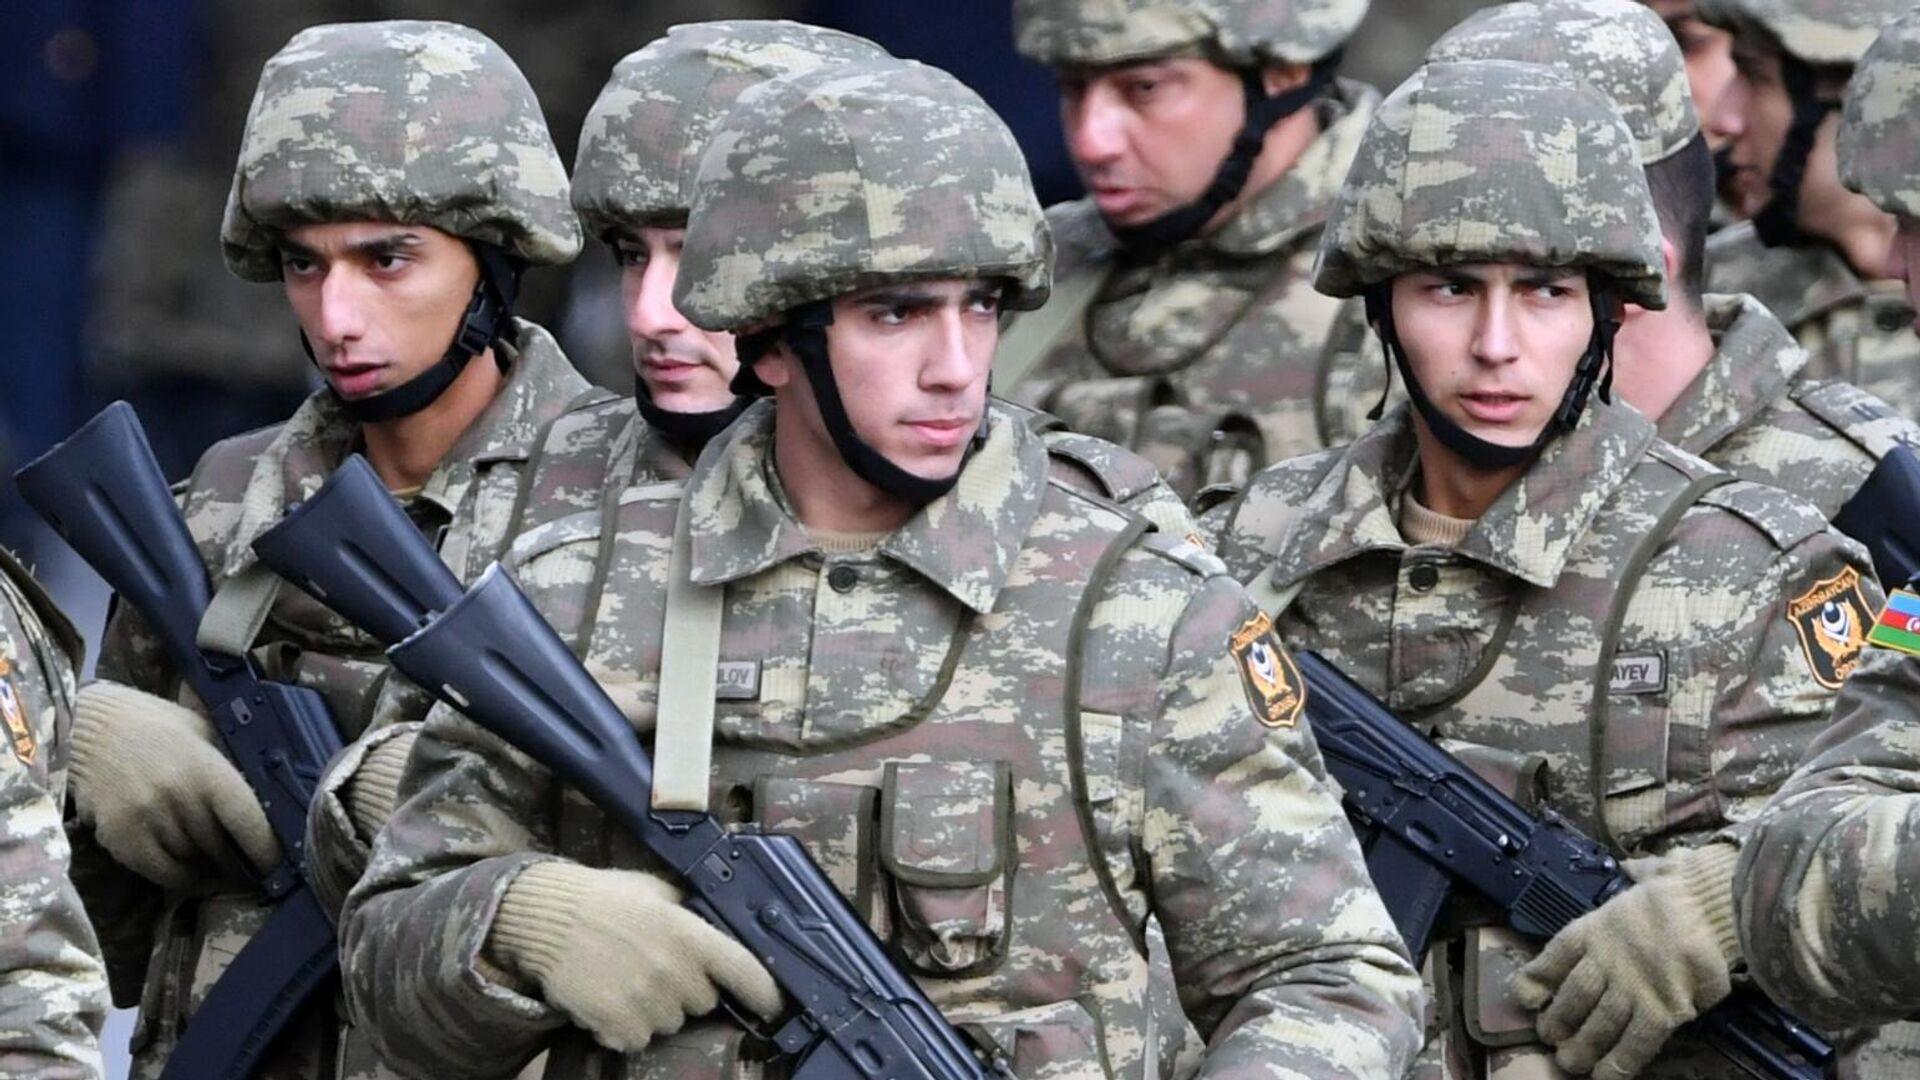 С иностранными гостями: в Баку начался парад в честь победы в Карабахе